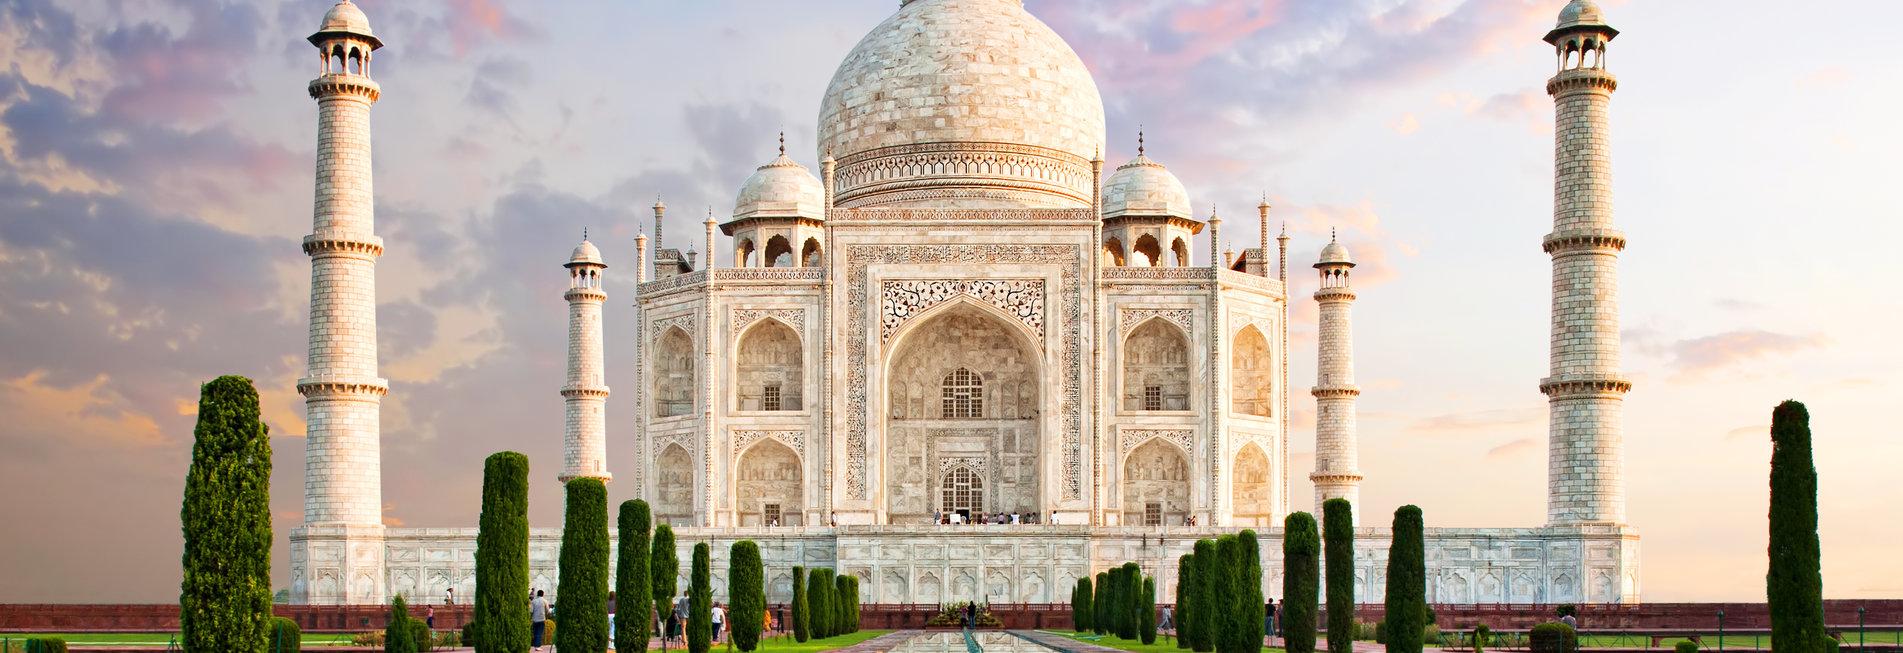 Rundreise - Prachtvolles Indien Rajasthan